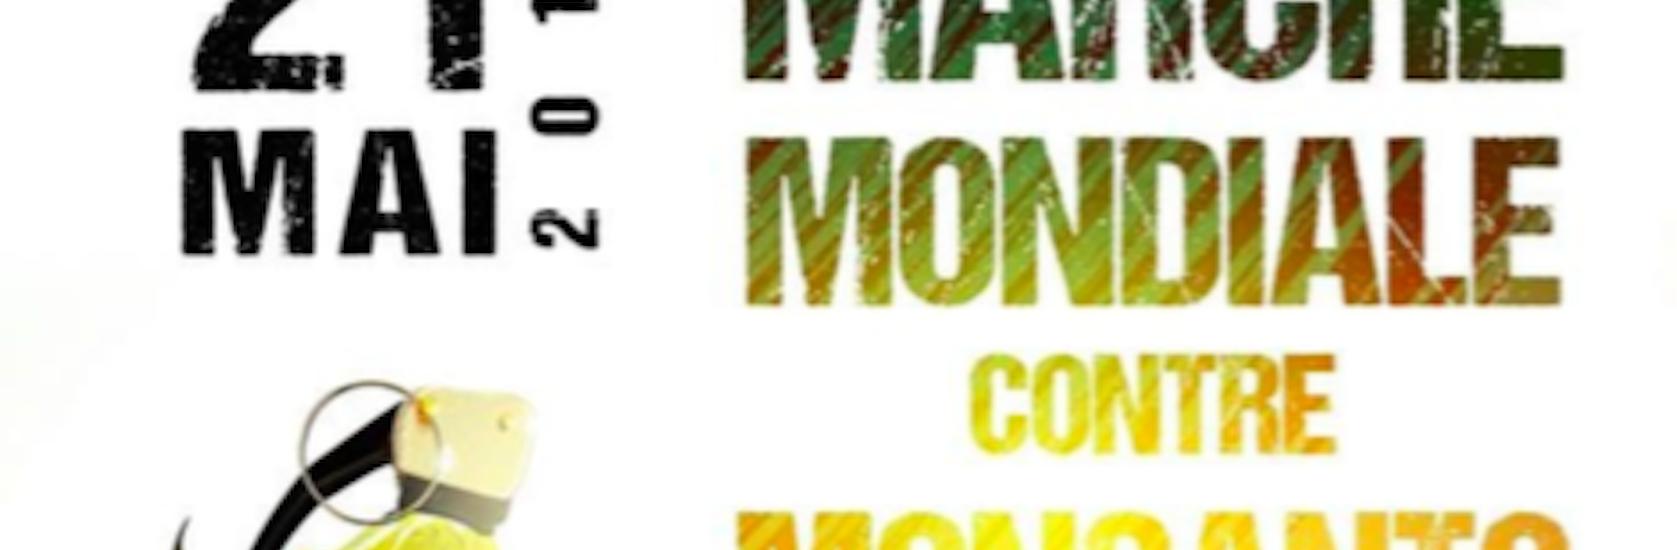 Annulation de la Marche contre les OGM et les pesticides Monsanto samedi